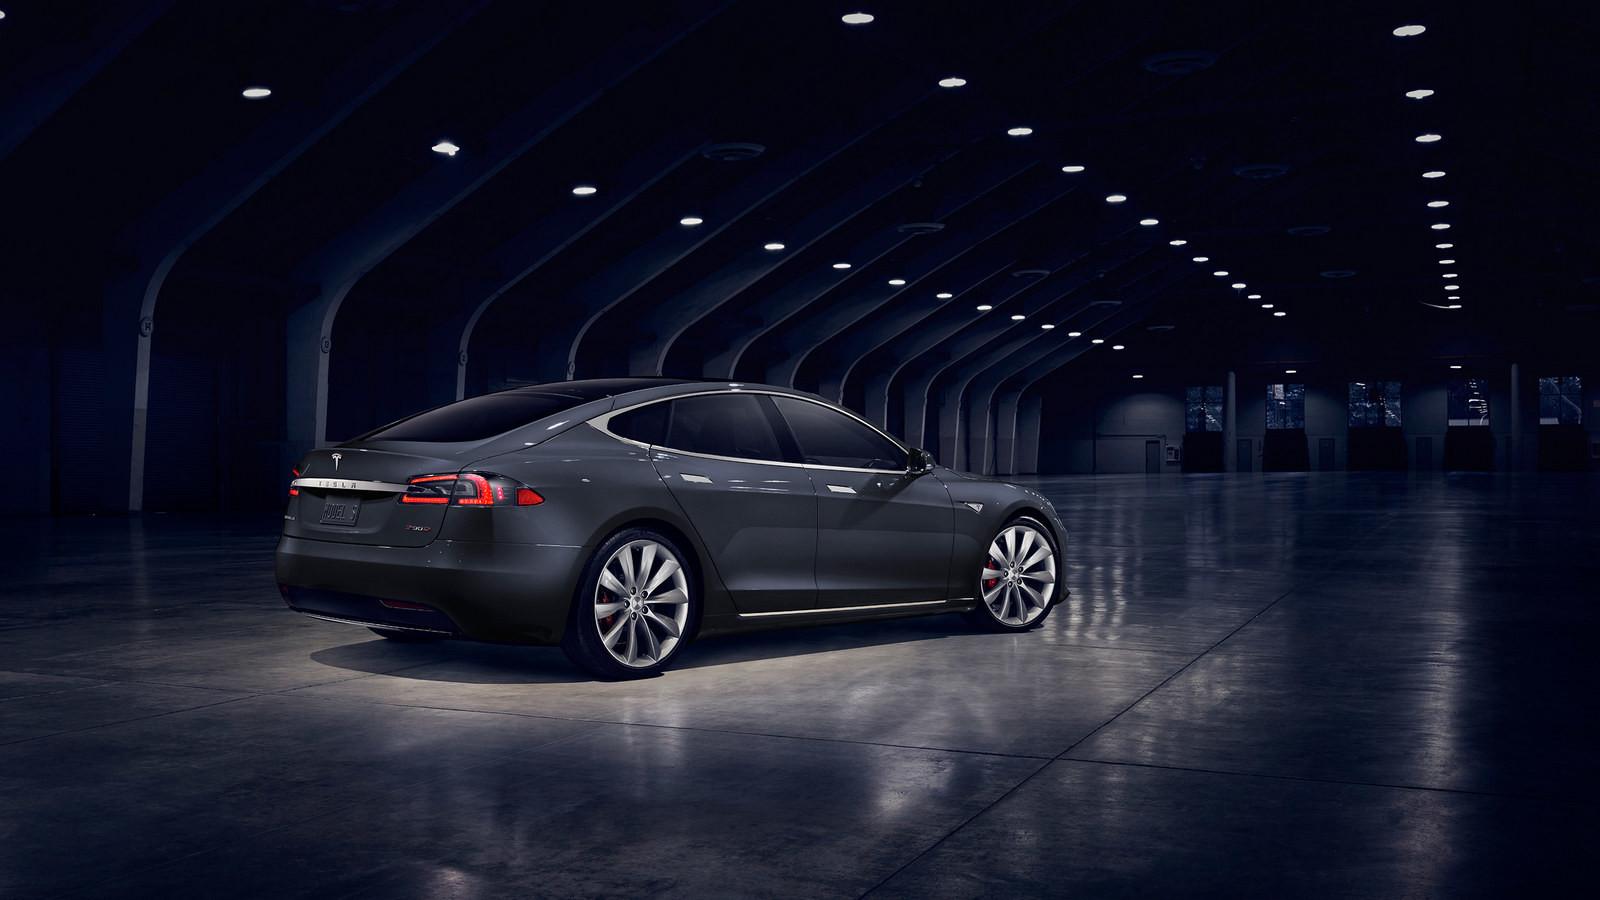 В Российской Федерации можно заказать Tesla Model 3 через «Яндекс.Кассы»